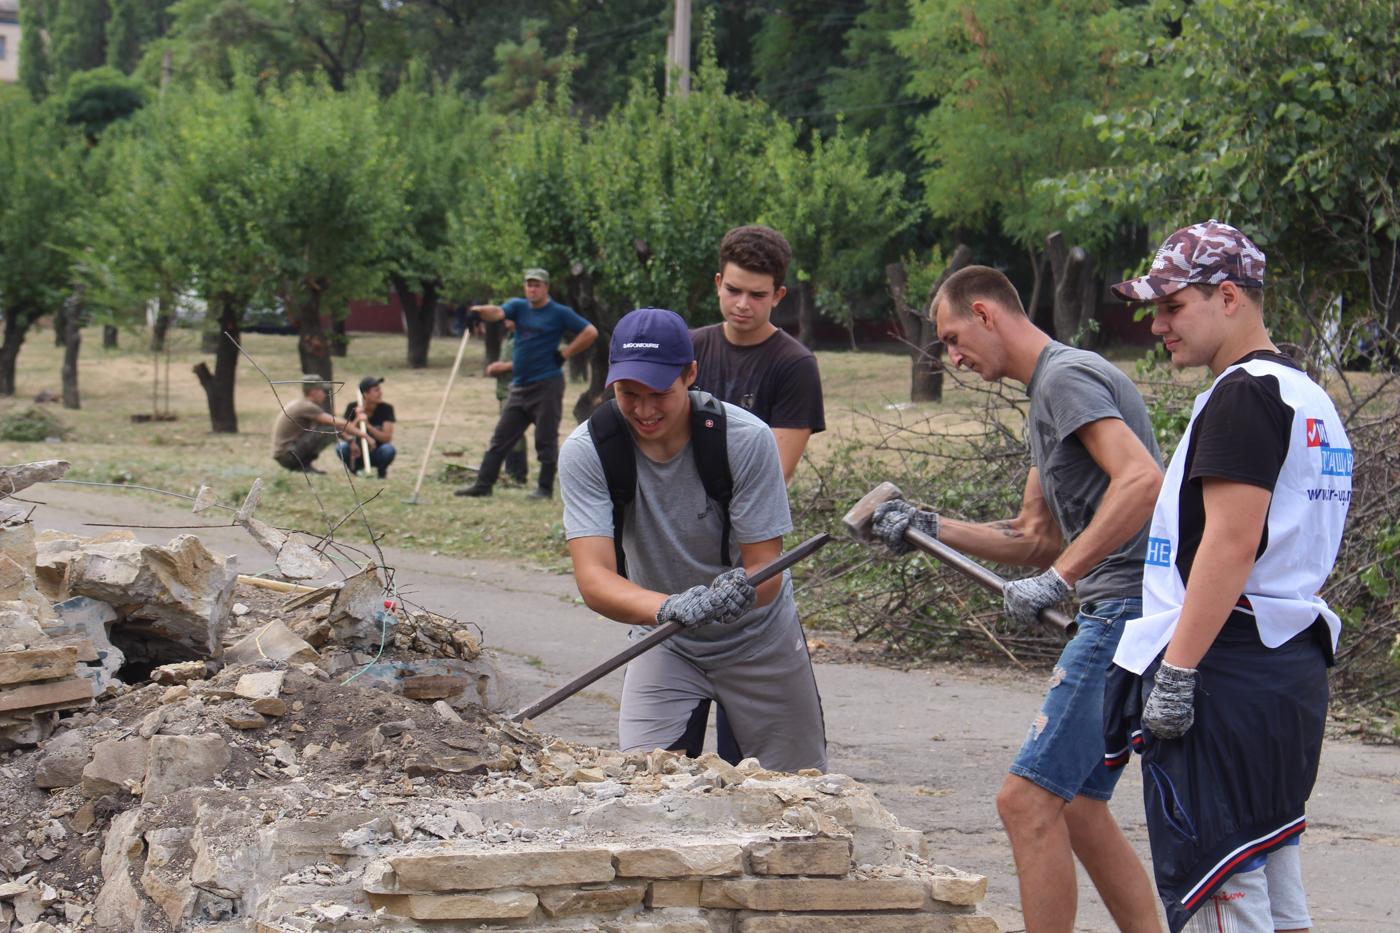 Активисты продолжают благоустраивать территорию в парке Щорса 6